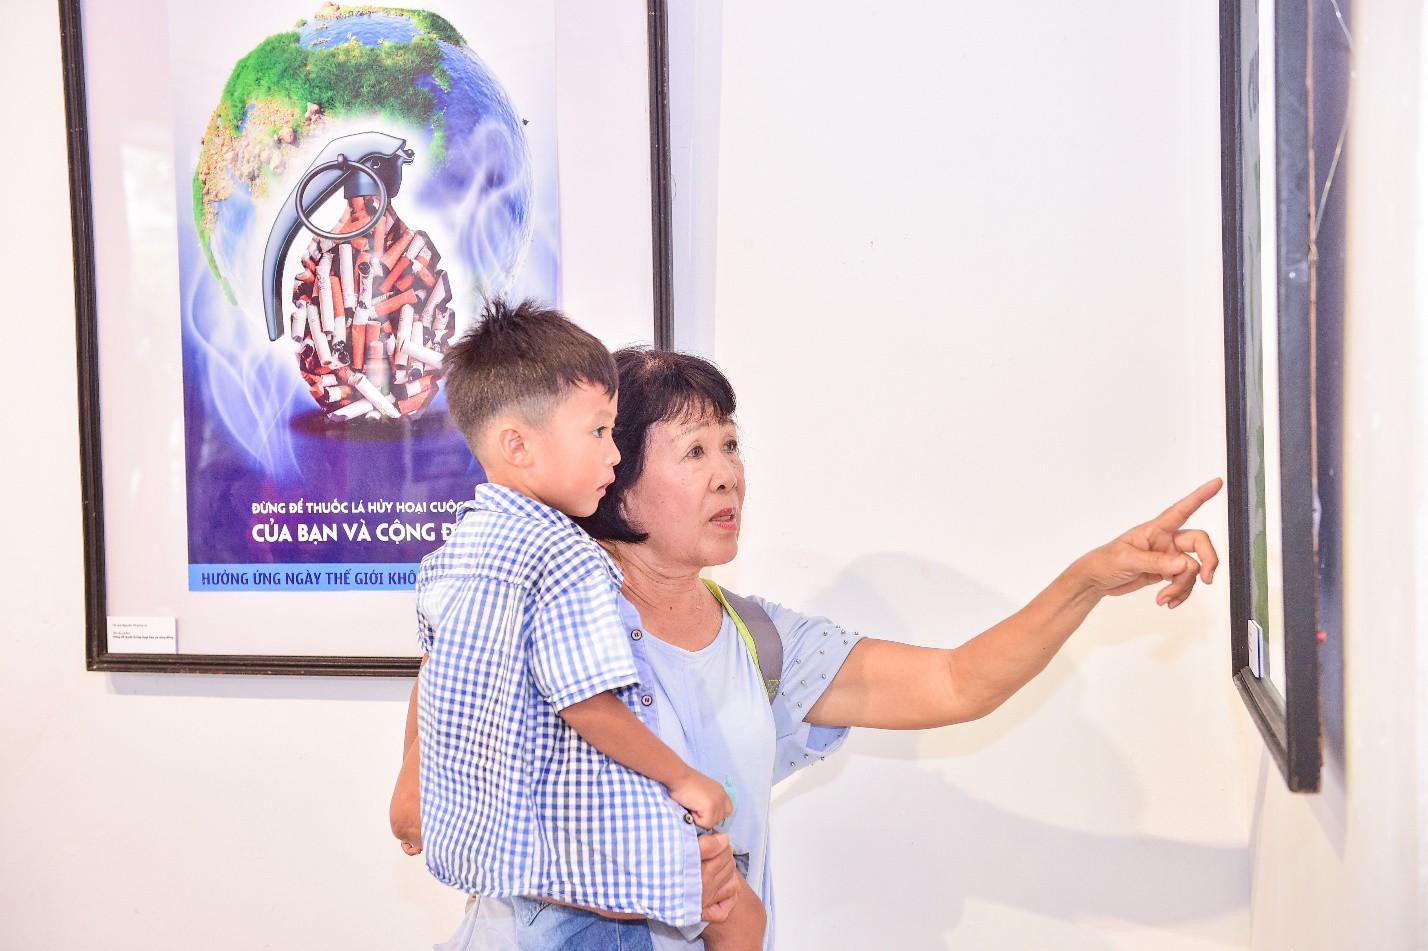 Triển lãm tranh cổ động về phòng, chống tác hại của thuốc lá năm 2019 - Ảnh 9.